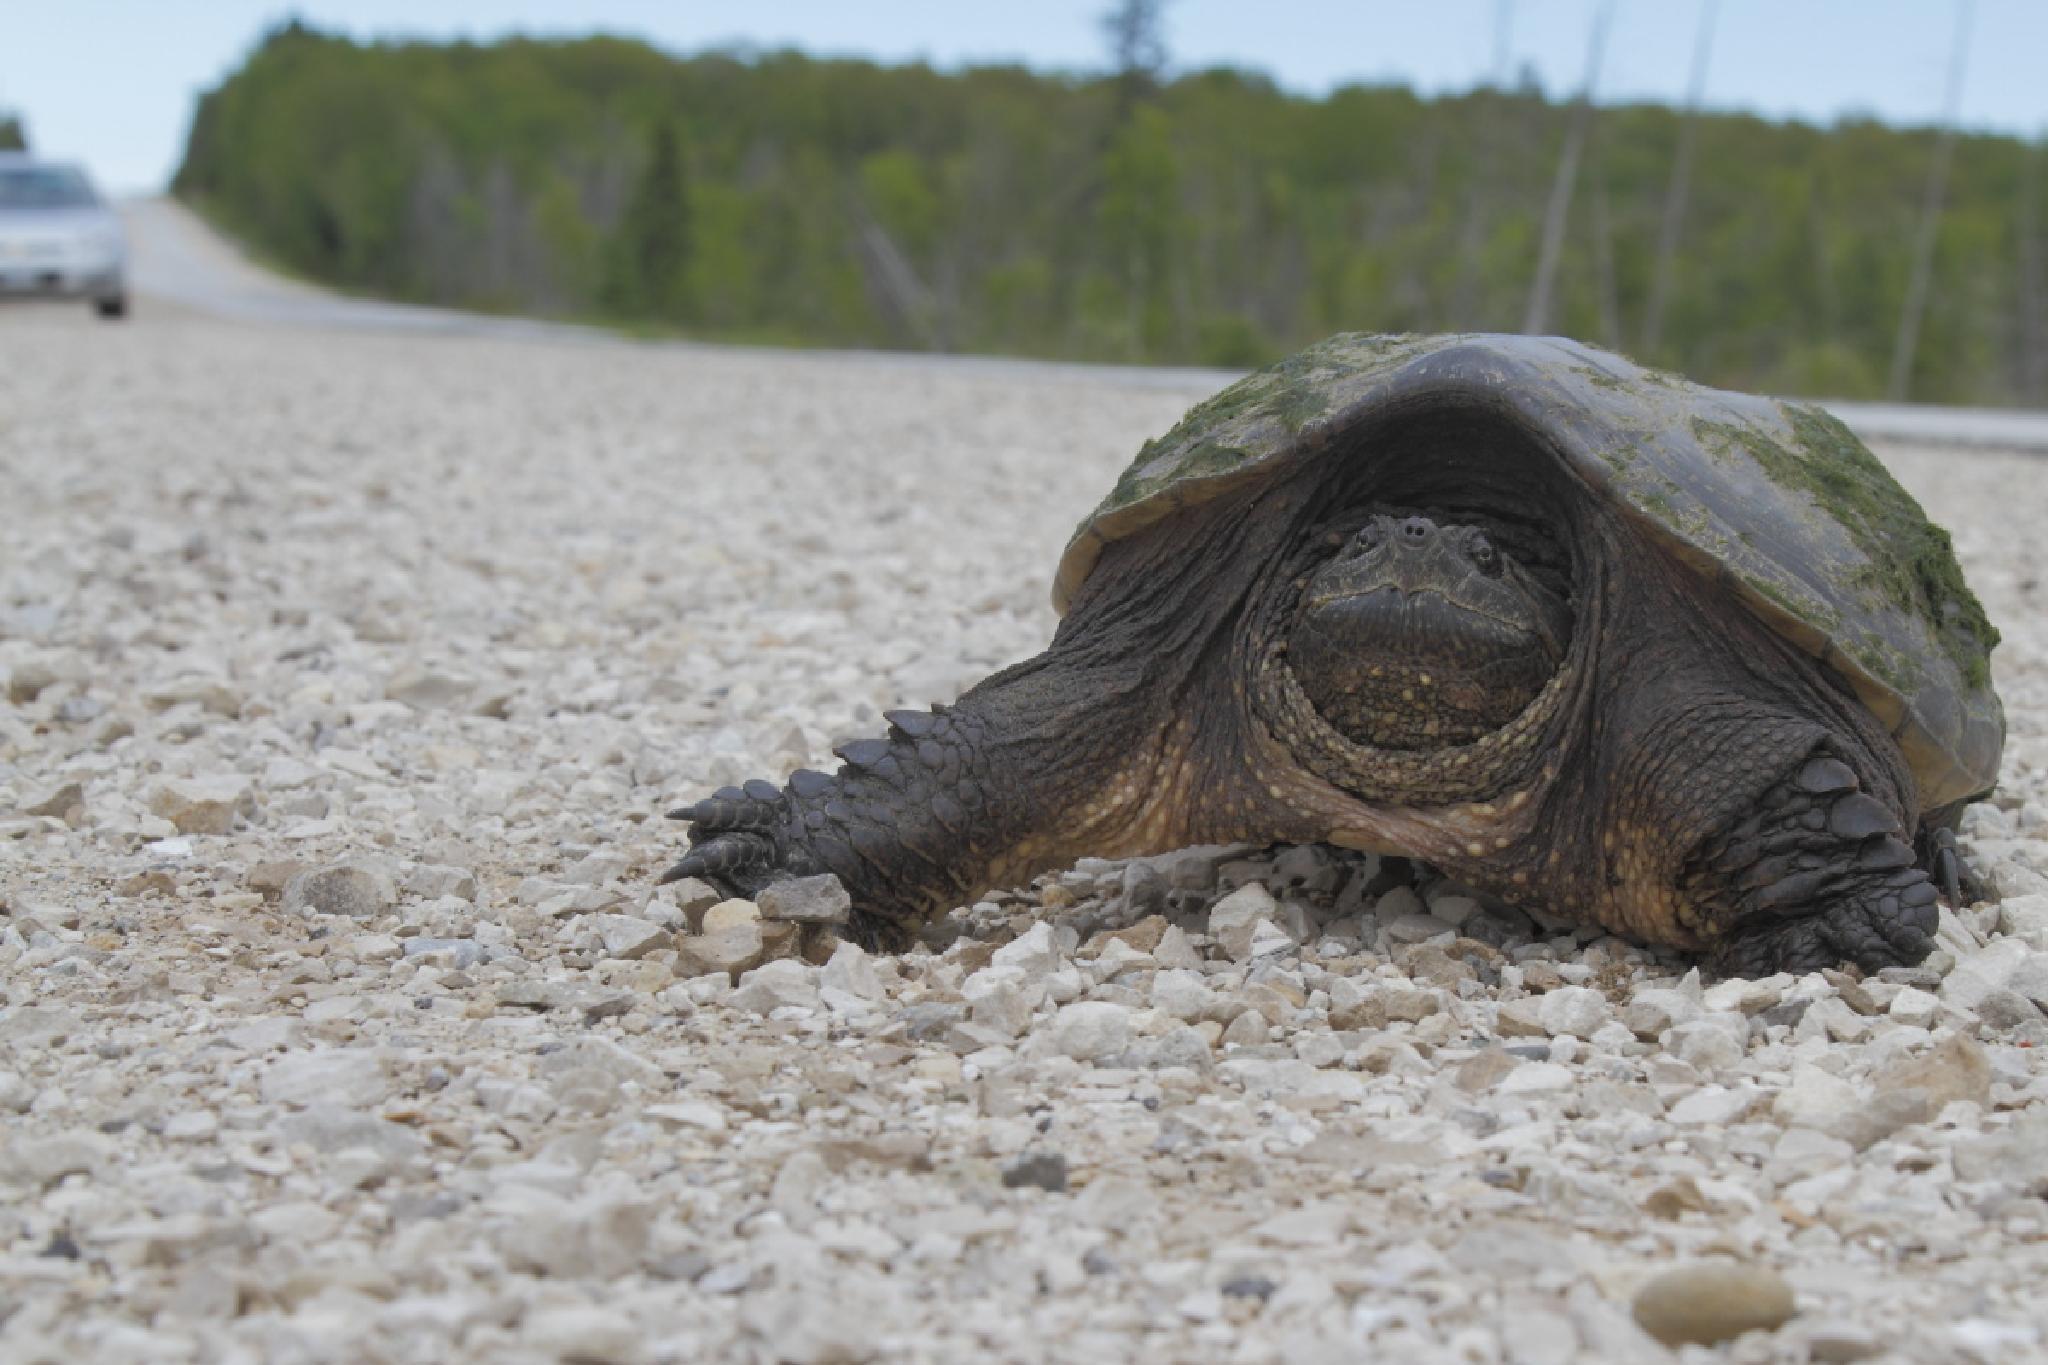 Turtle by Paul Berkloo